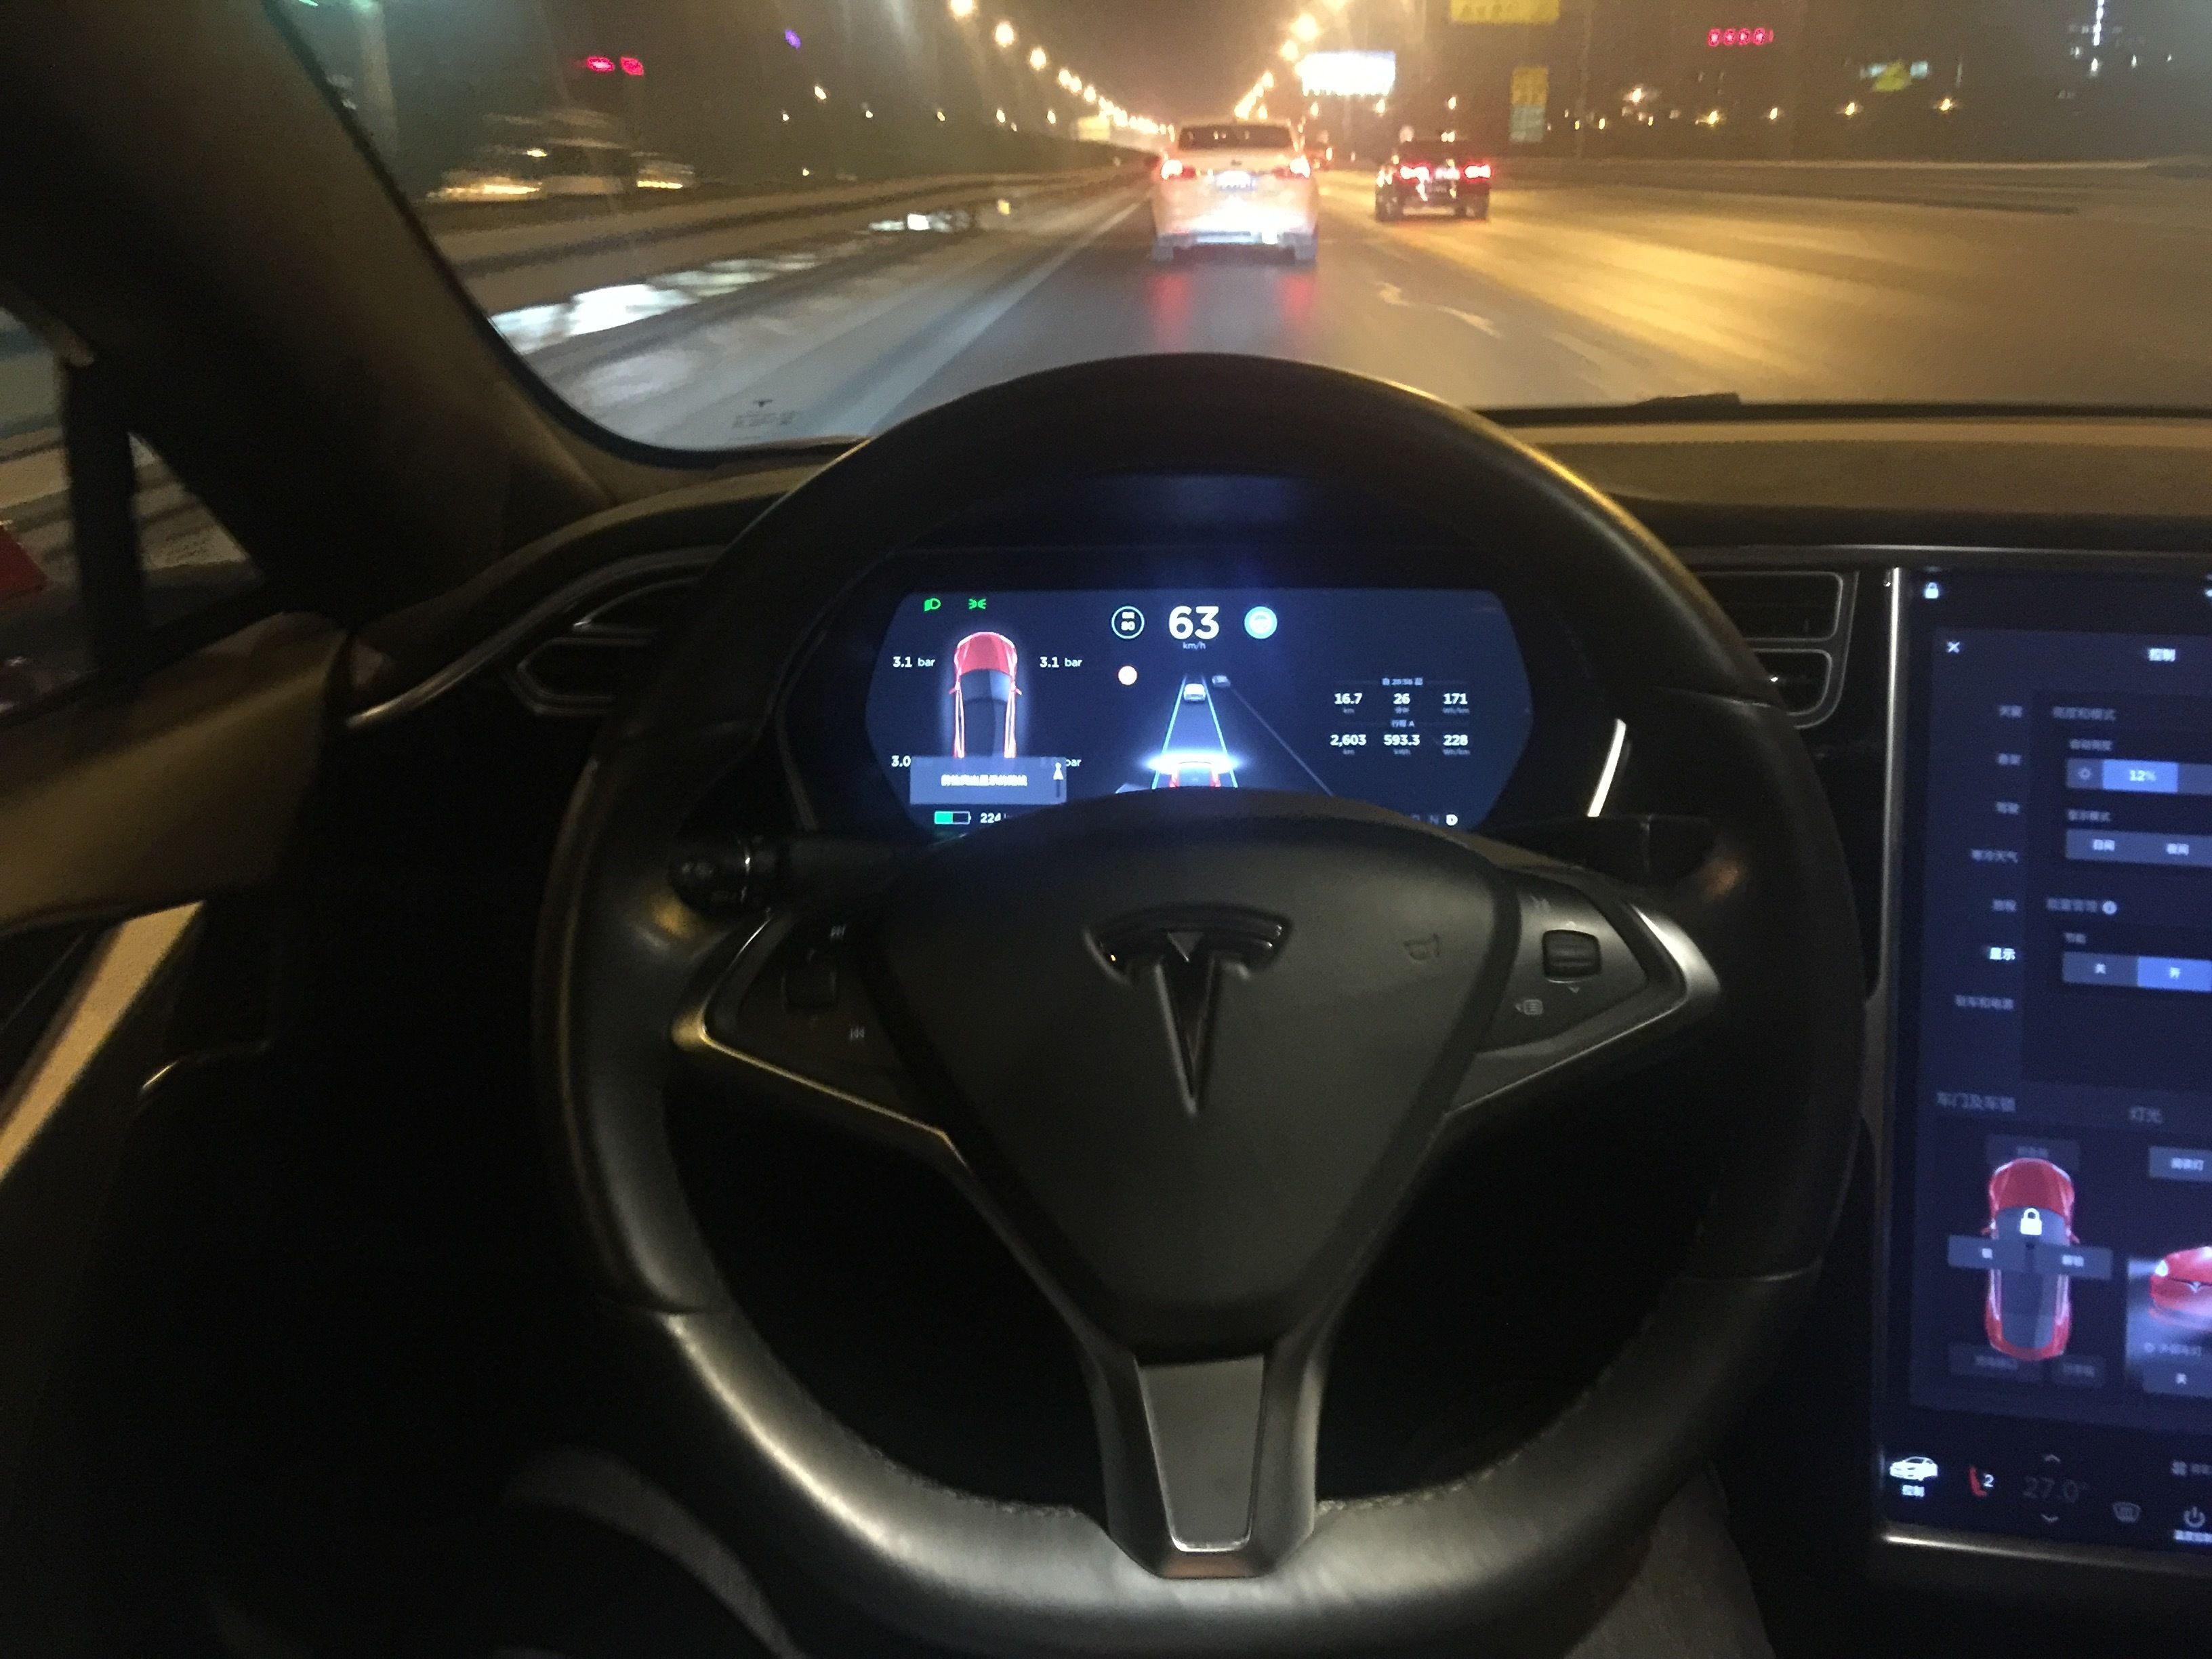 我为什么开始如此期待 Tesla Model 3 量产-第4张图片-零帕网